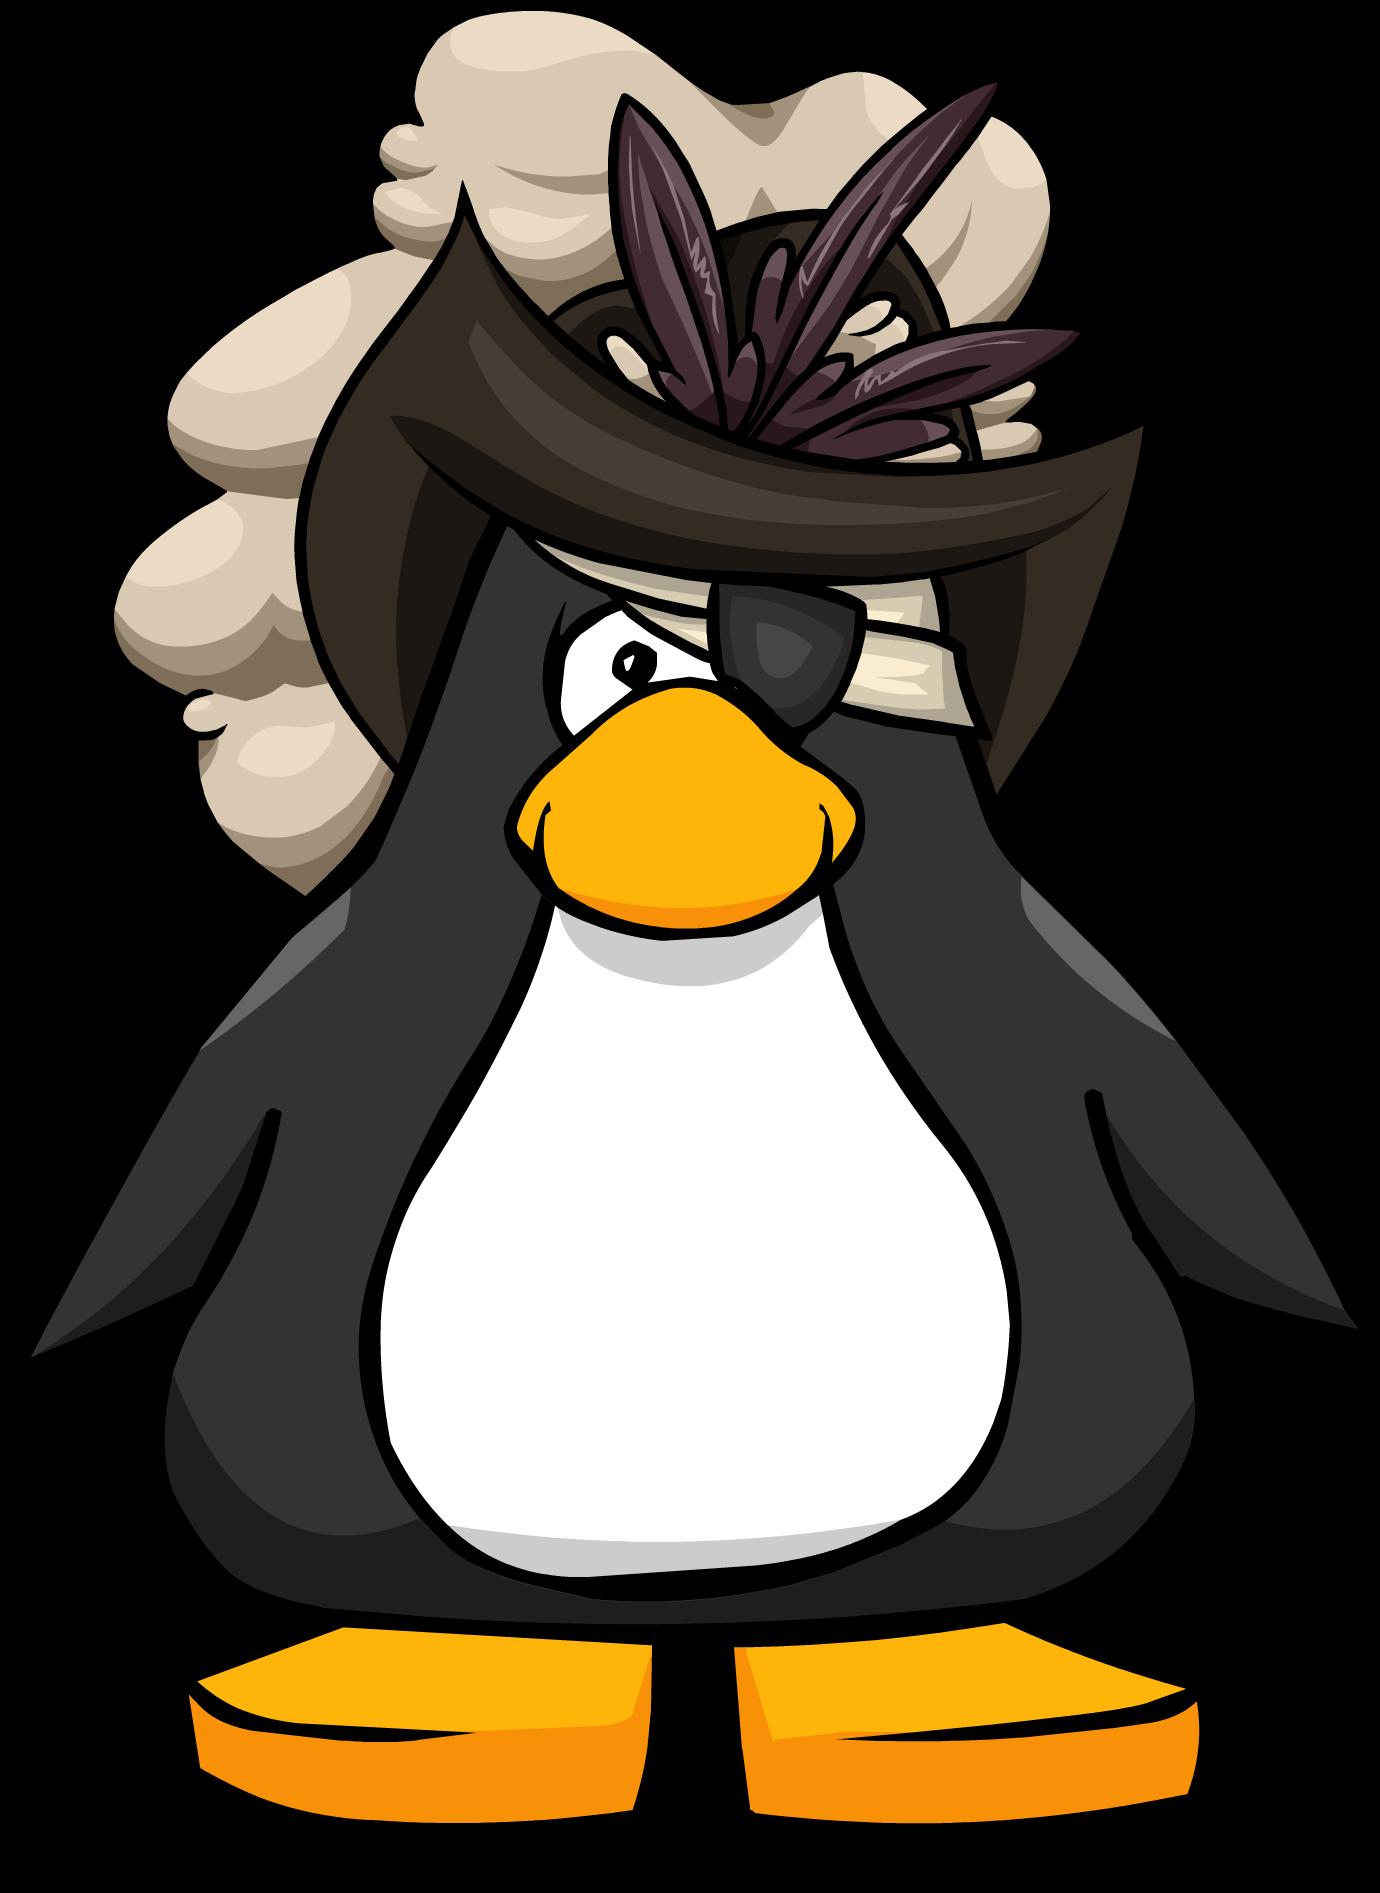 Black Swashbuckler's Hat